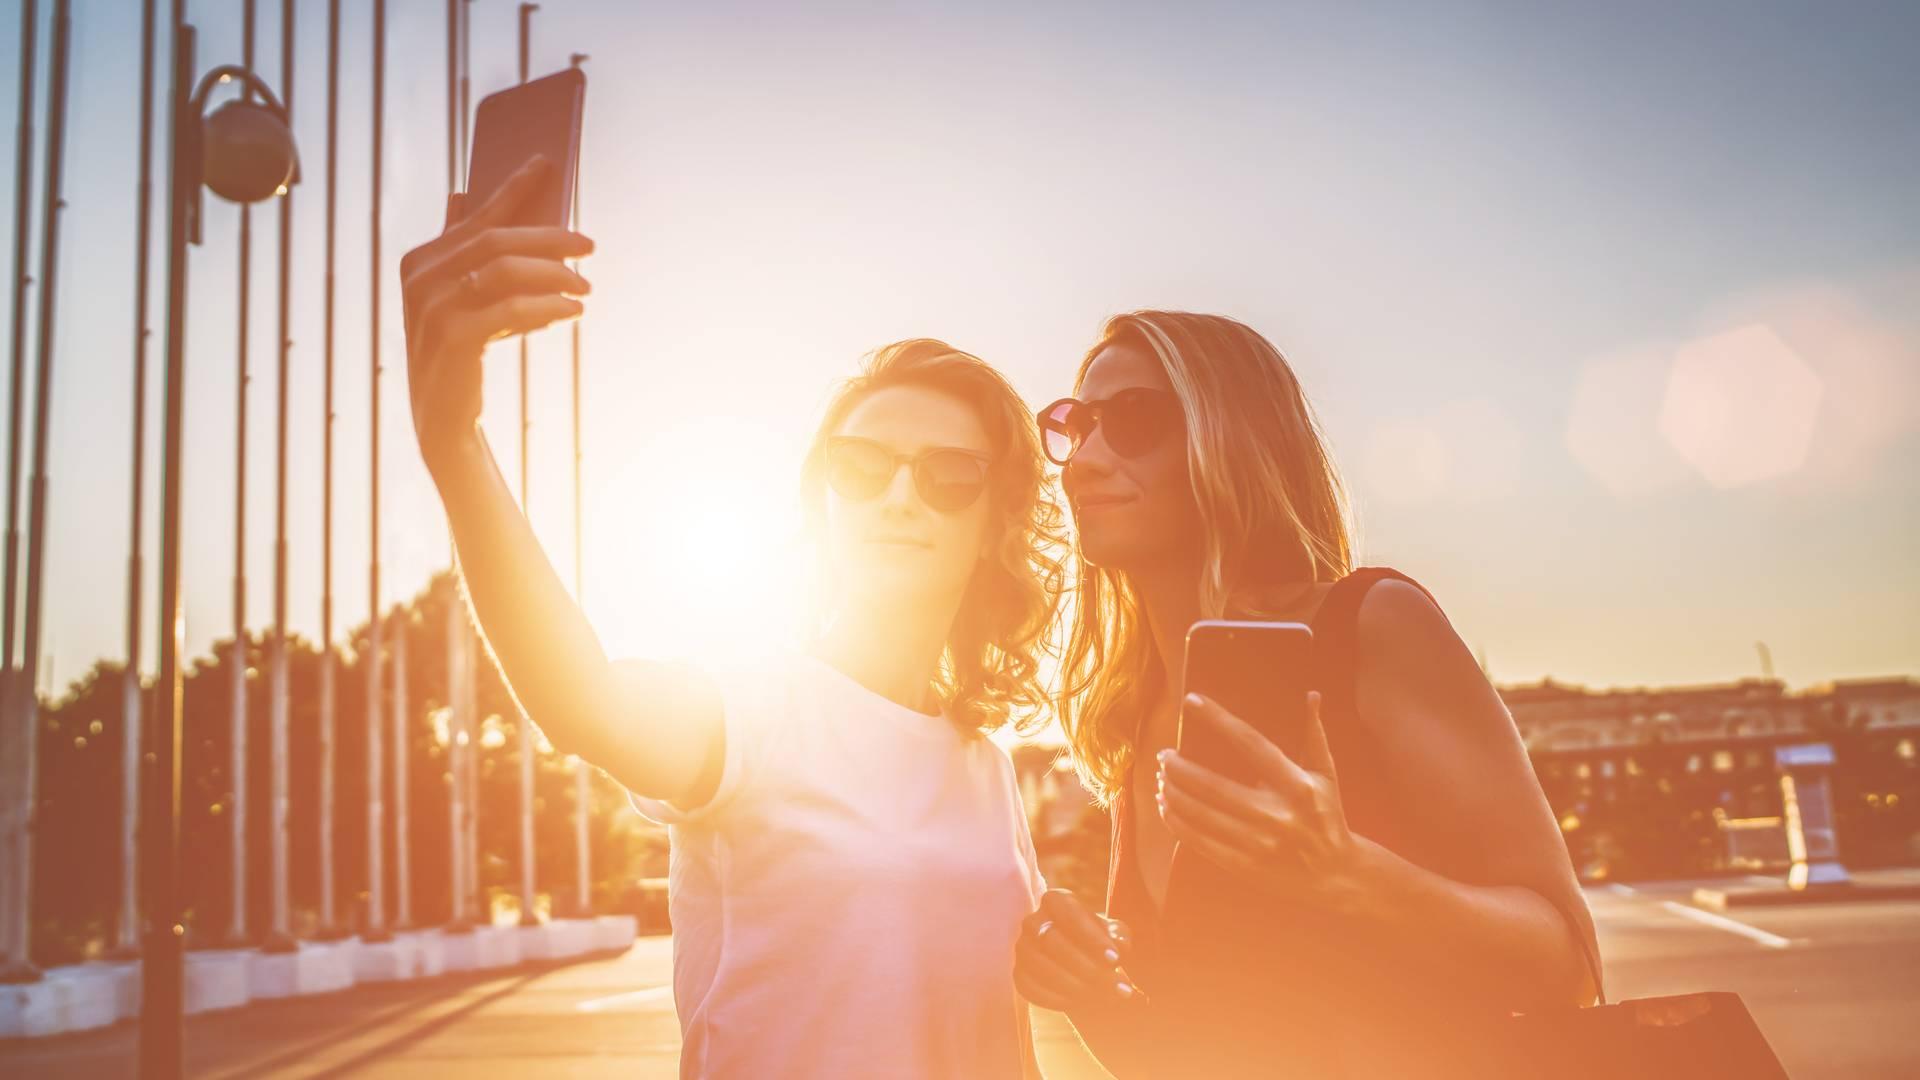 Duas mulheres jovens de óculos escuros tirando uma selfie com o celular em um dia de sol